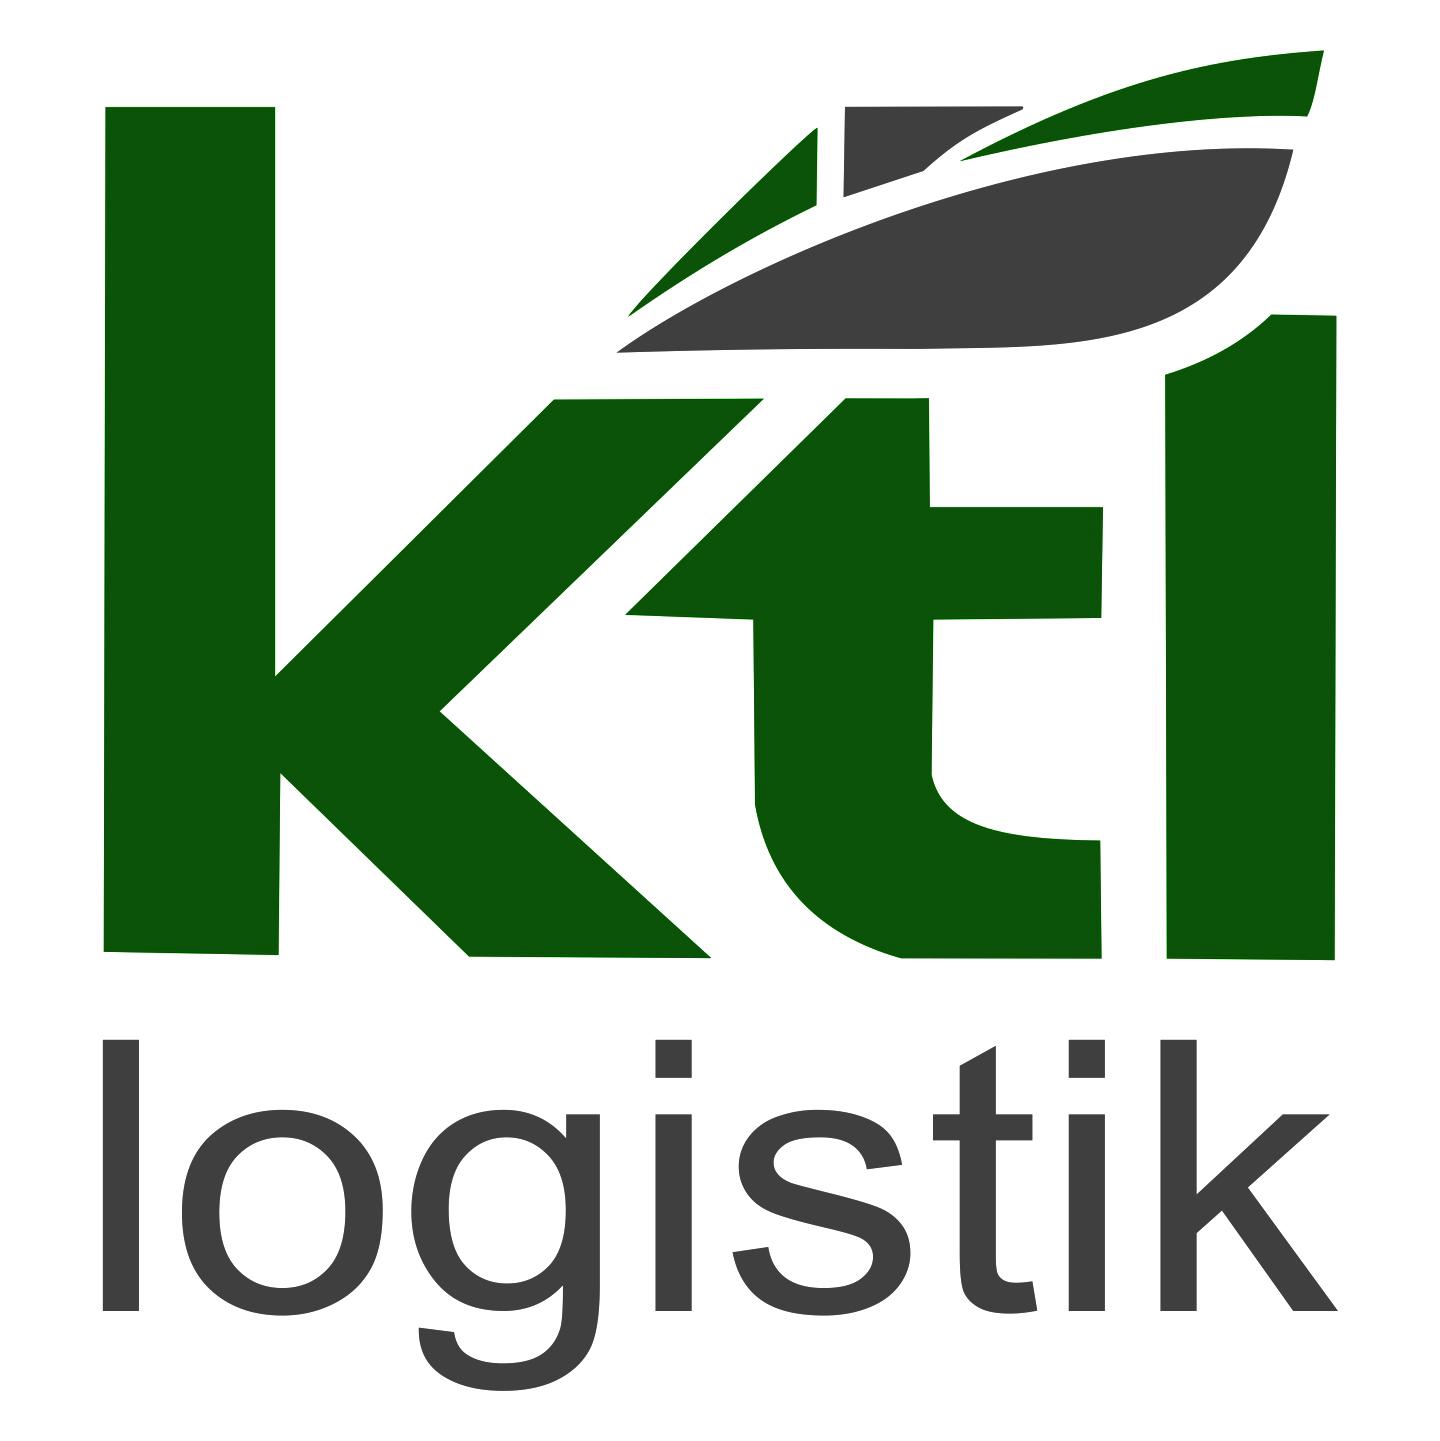 Ktl-logistik, ООО